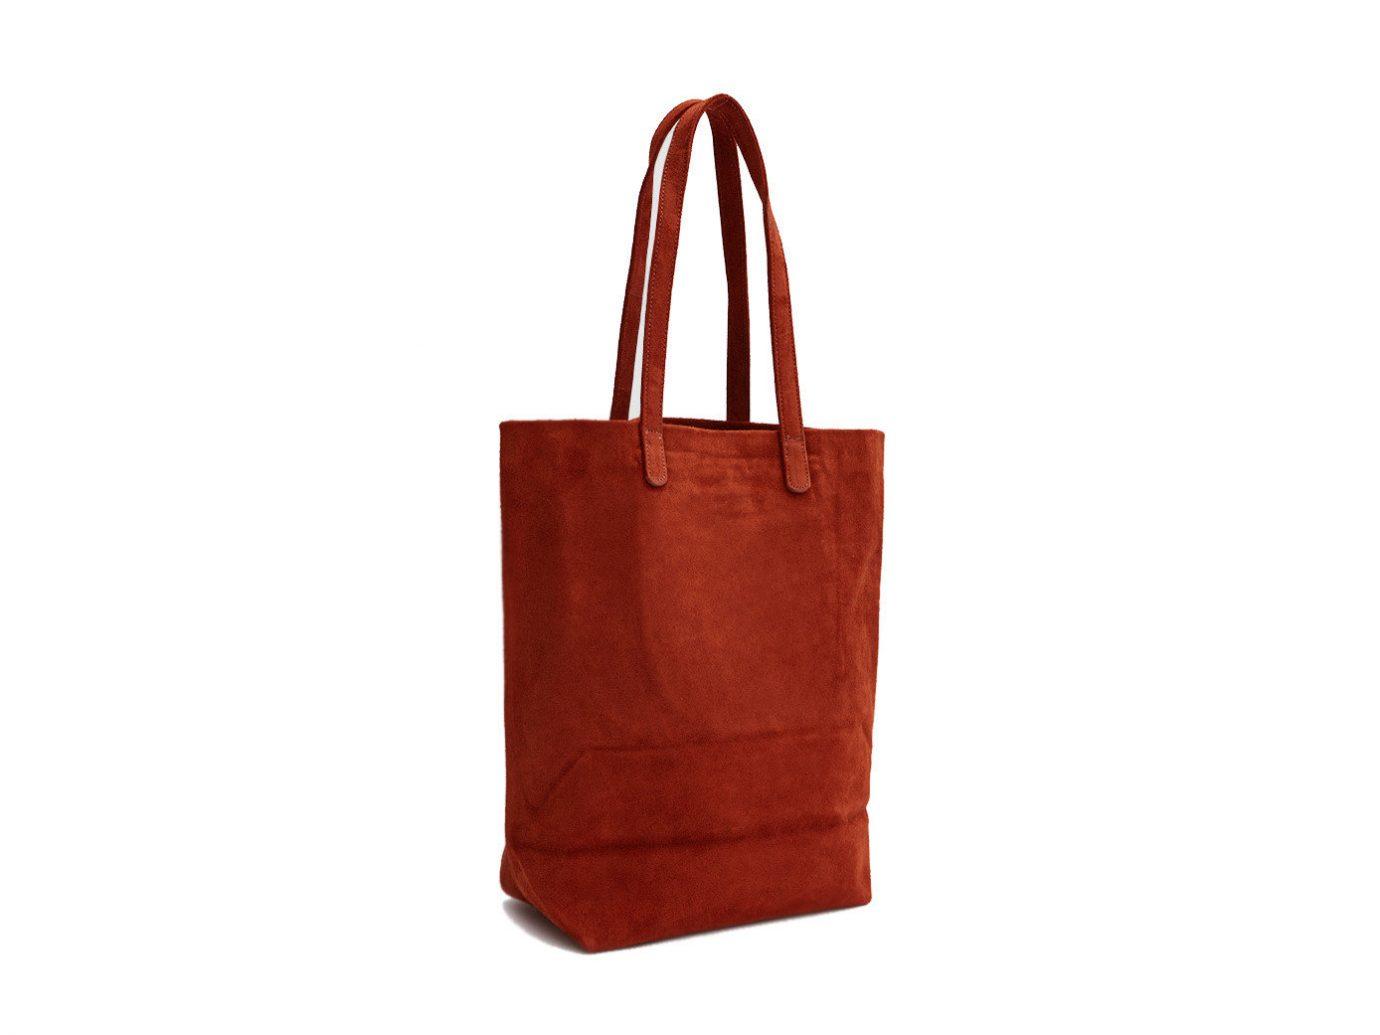 36bb1b144abd Packing Tips Style + Design Travel Shop Weekend Getaways handbag accessory  bag shoulder bag brown product